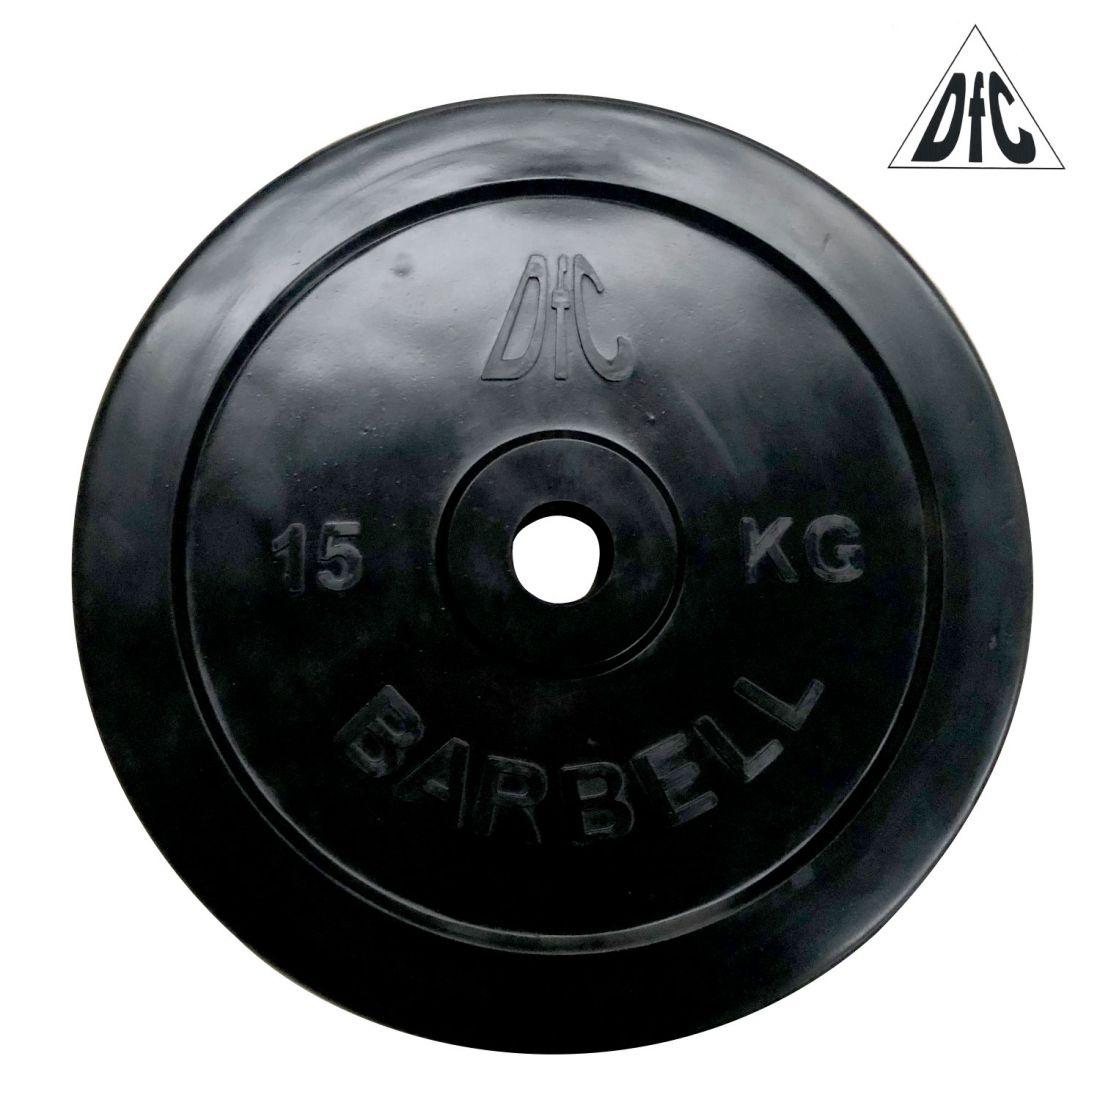 Диск обрезиненный DFC, чёрный, 31 мм, 15 кг